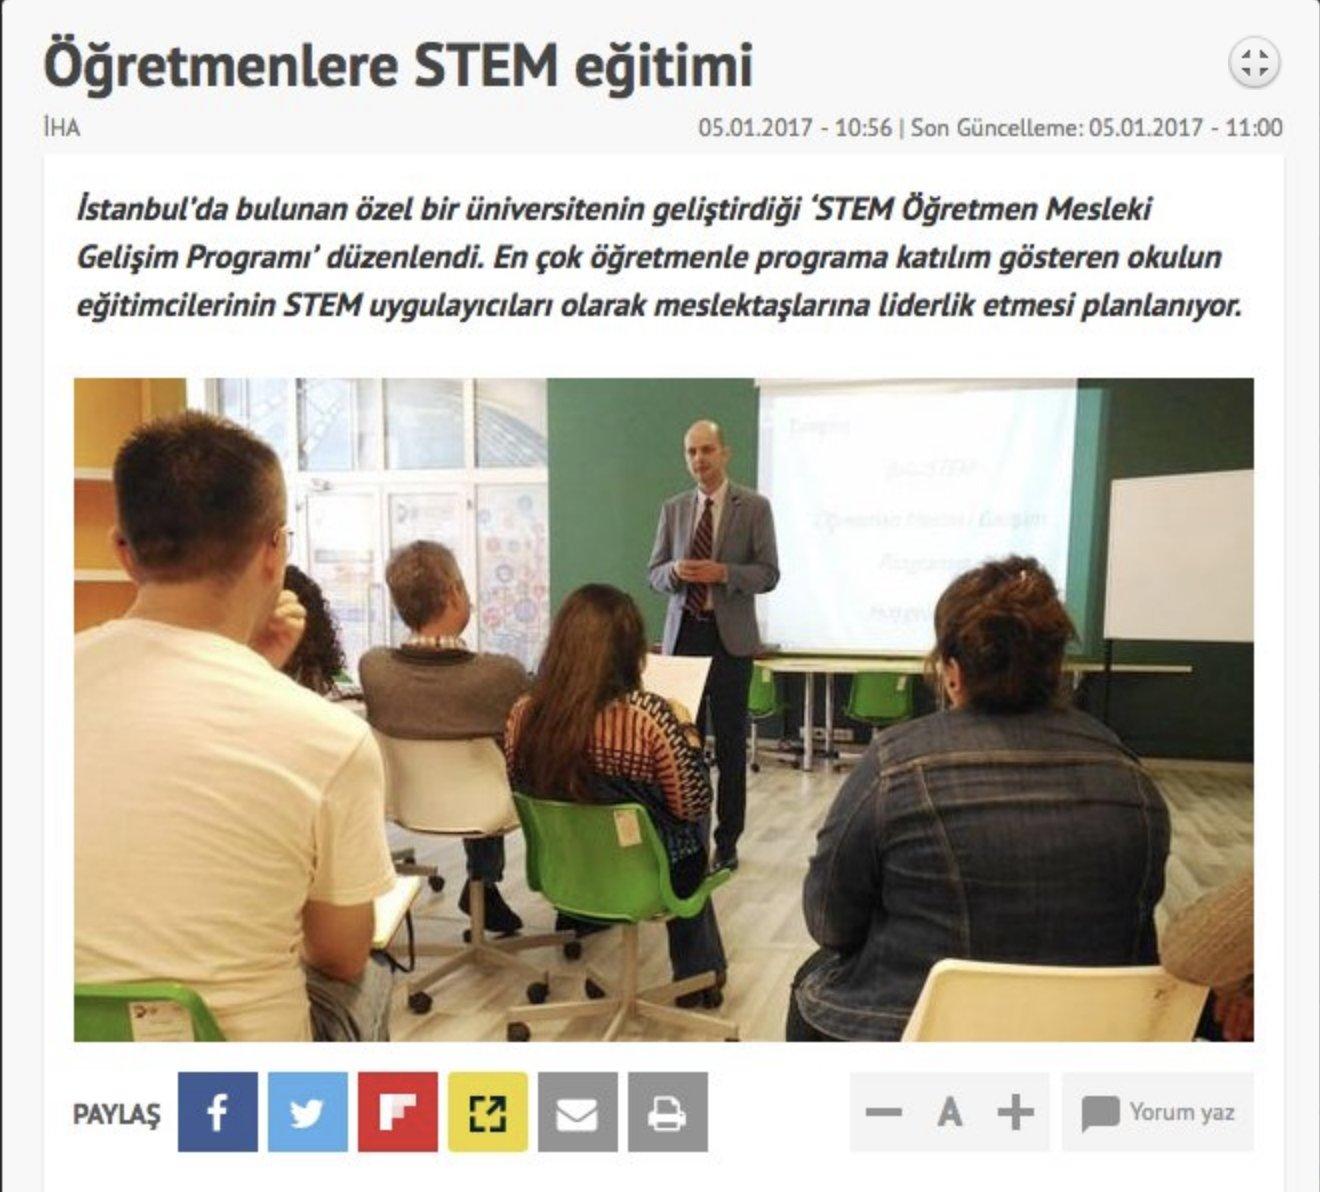 Öğretmenlere STEM eğitimi